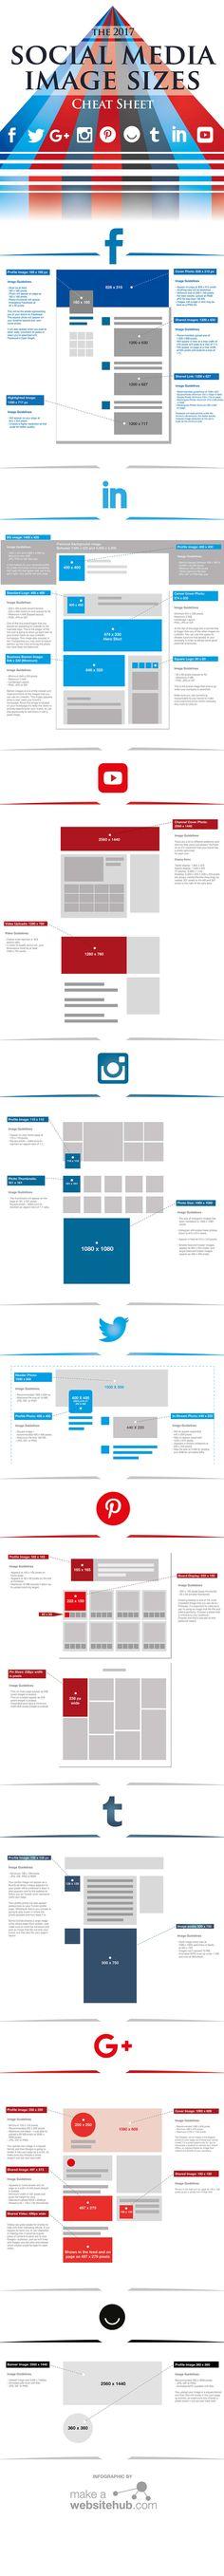 Der Social Media Bildergrößen Spickzettel 2017 | bjoerntantau.com: So geht erfolgreiches Internet Marketing!